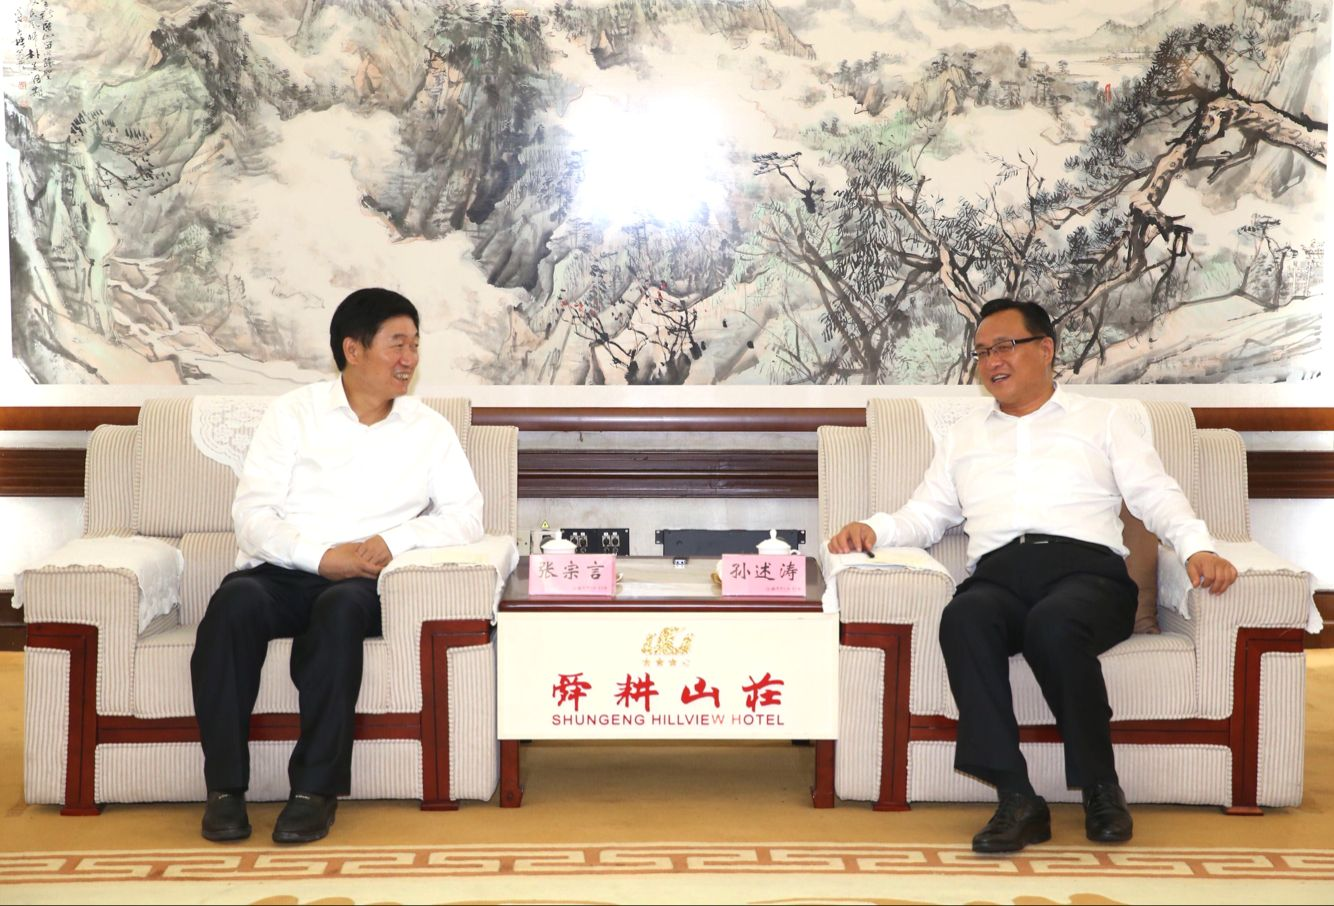 孙述涛会见中国中铁、中国铁建、华为、保利集团、中国化学工程等企业负责人